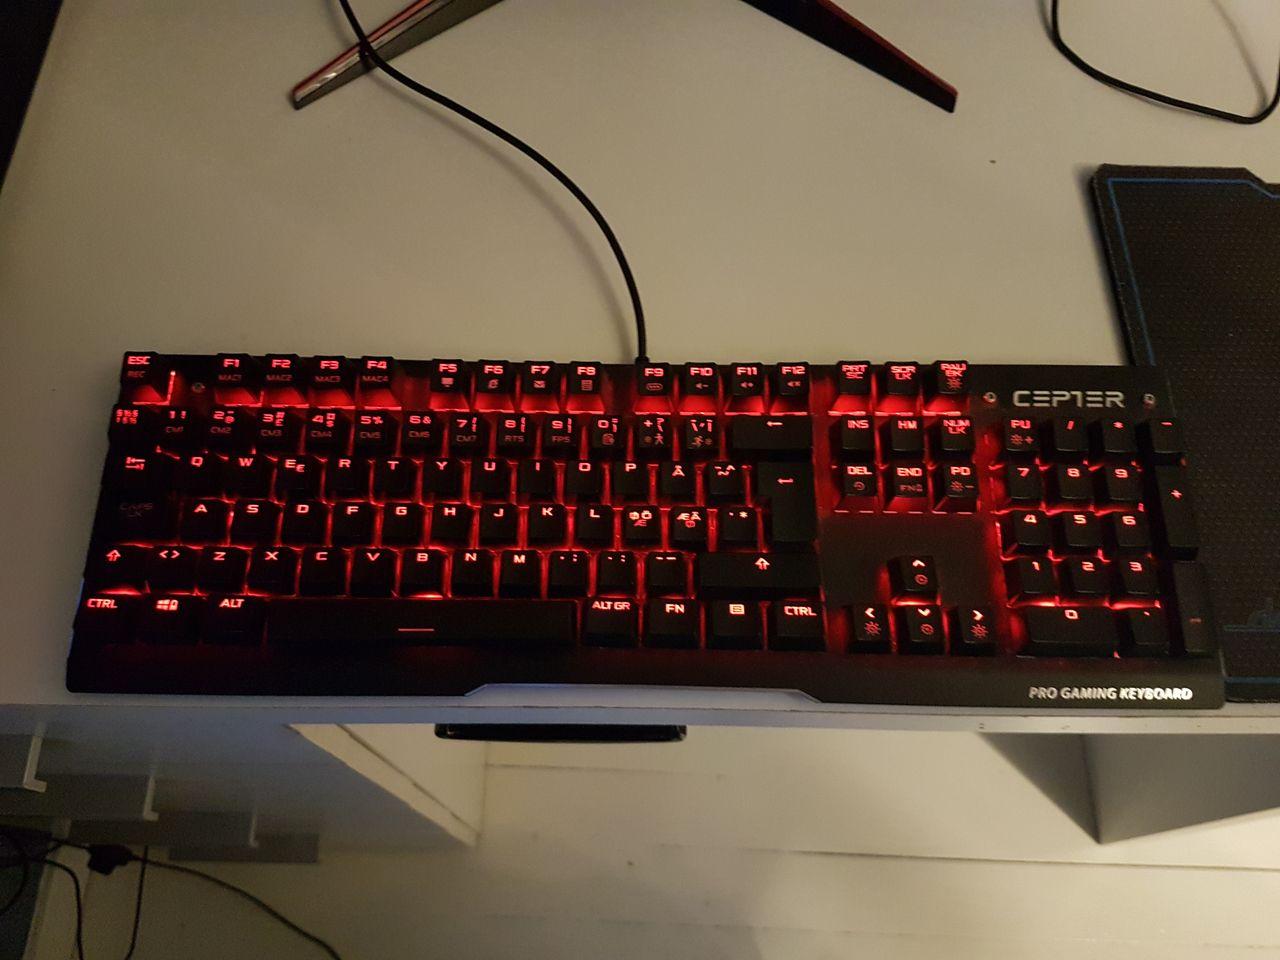 Cepter X 13 Pro gamer | FINN.no